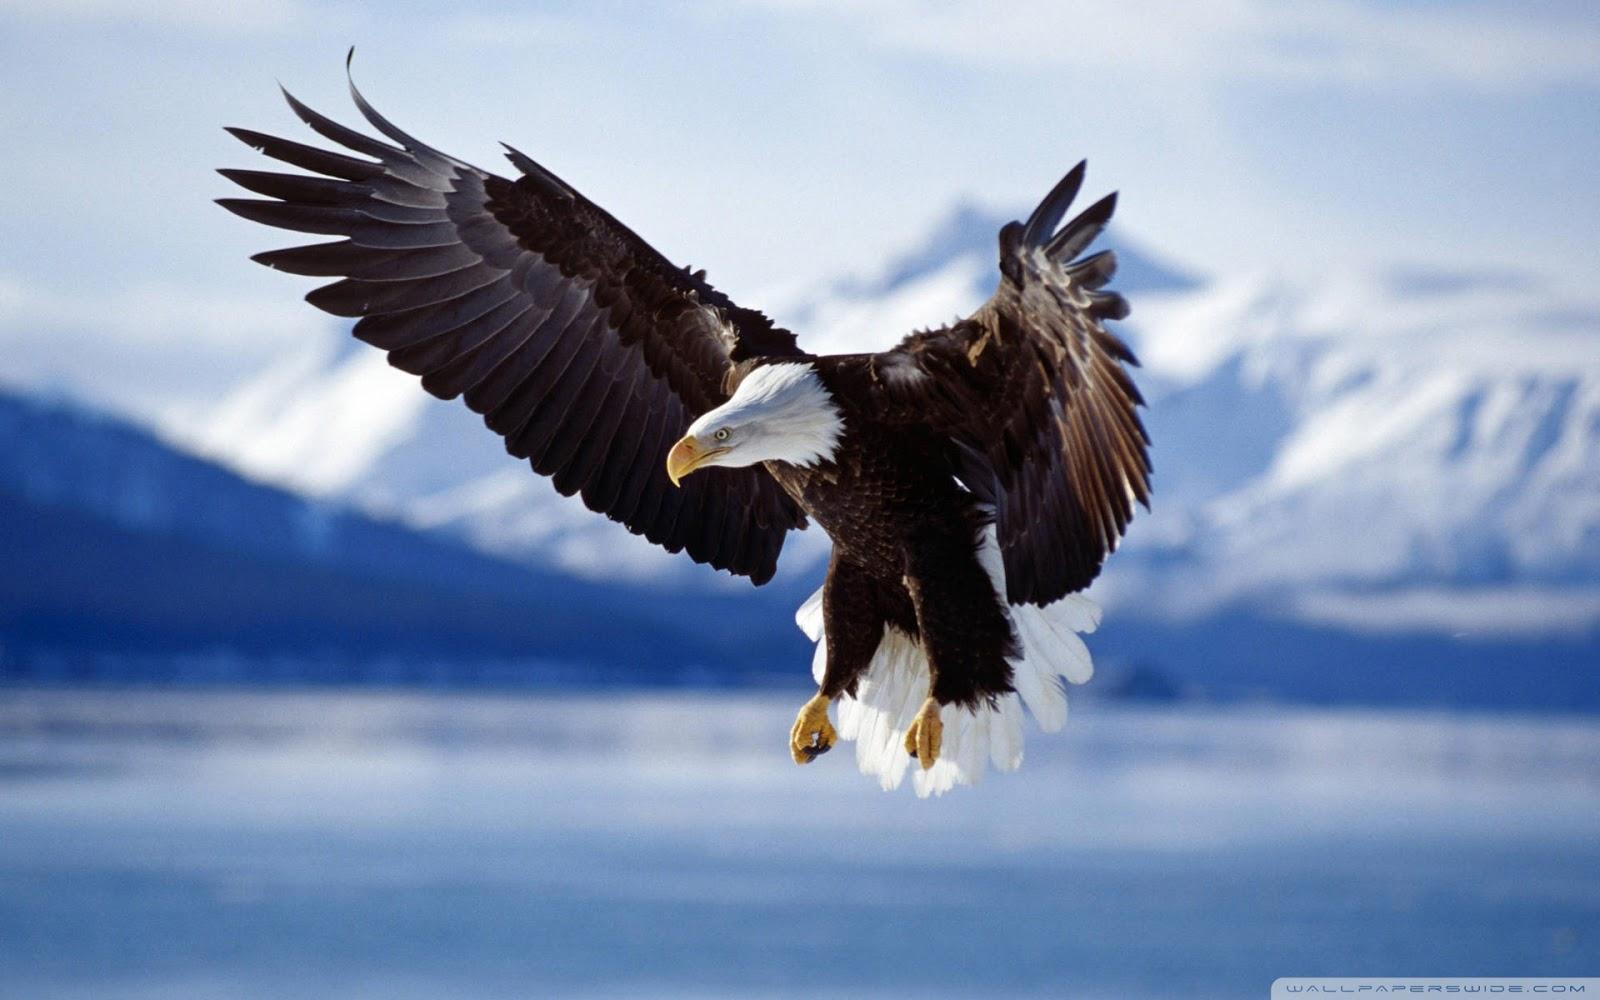 http://4.bp.blogspot.com/-G0NyczyIkFg/UIU2c7juyDI/AAAAAAAACGY/ucEJAzyGXco/s1600/bald_eagle-wallpaper-1920x1200.jpg